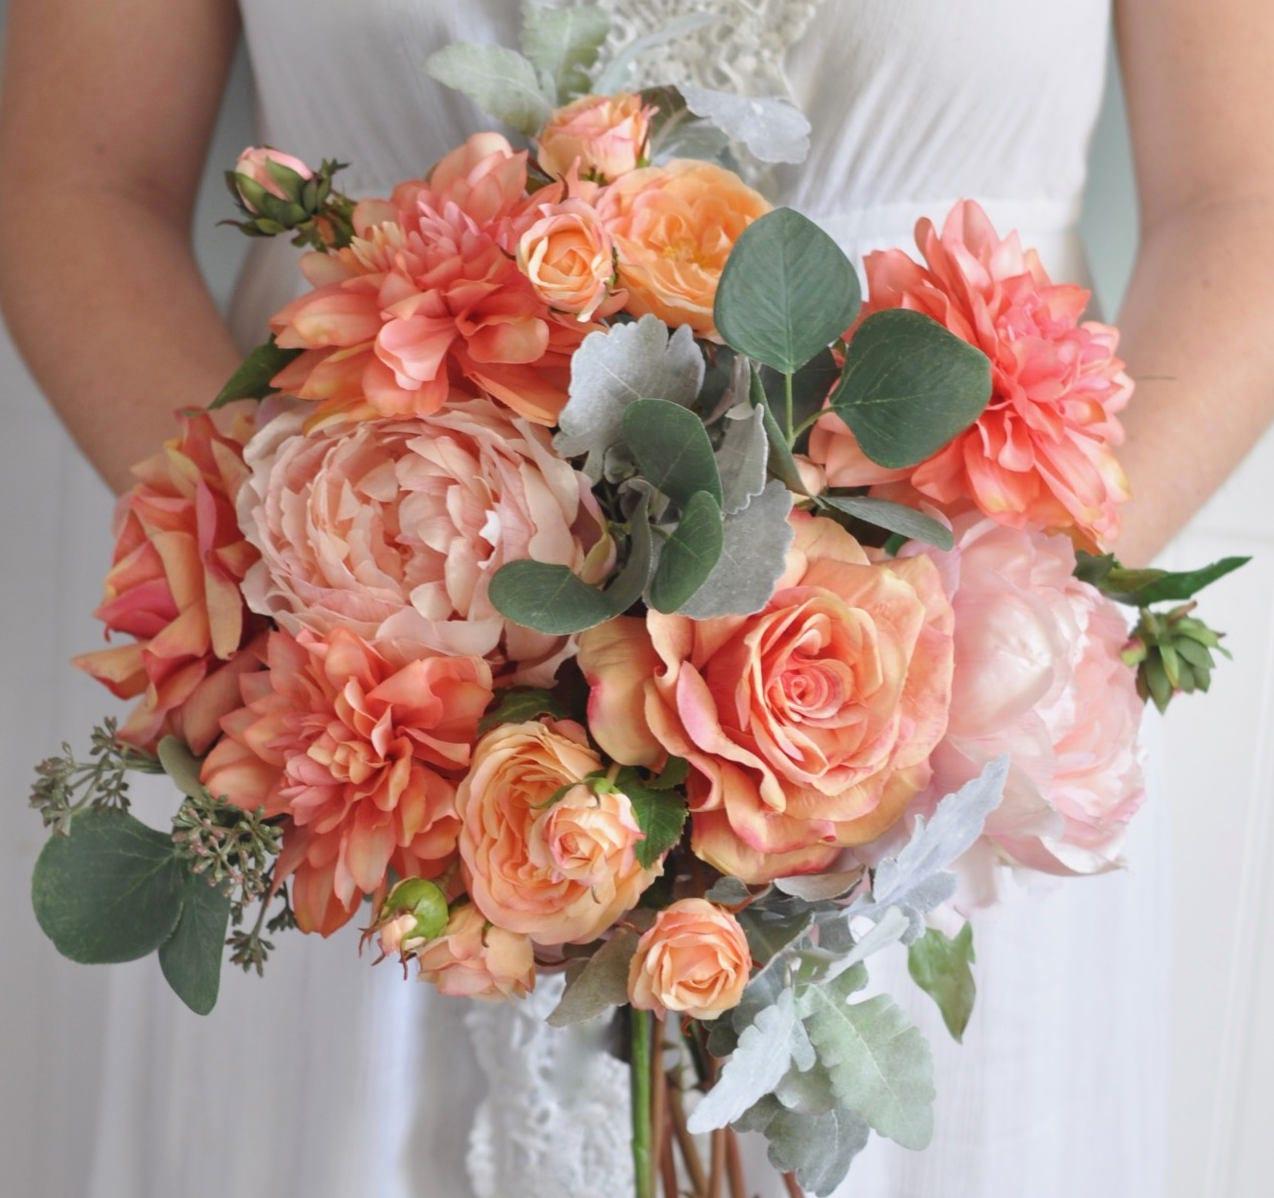 Wedding bouquet bridal bouquet silk flower bouquet wedding etsy zoom izmirmasajfo